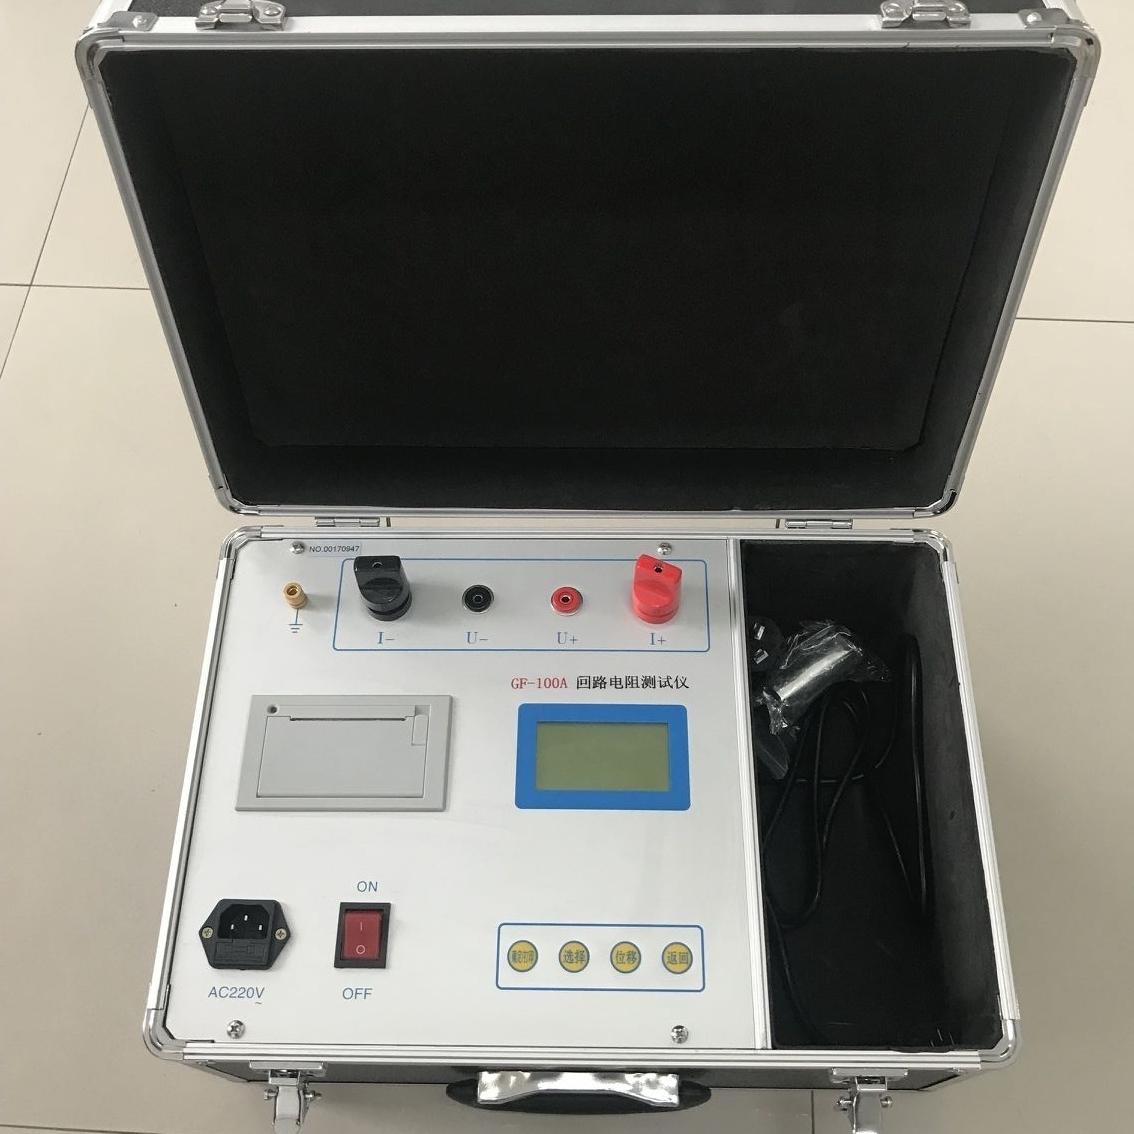 回路电阻测试仪方便携带